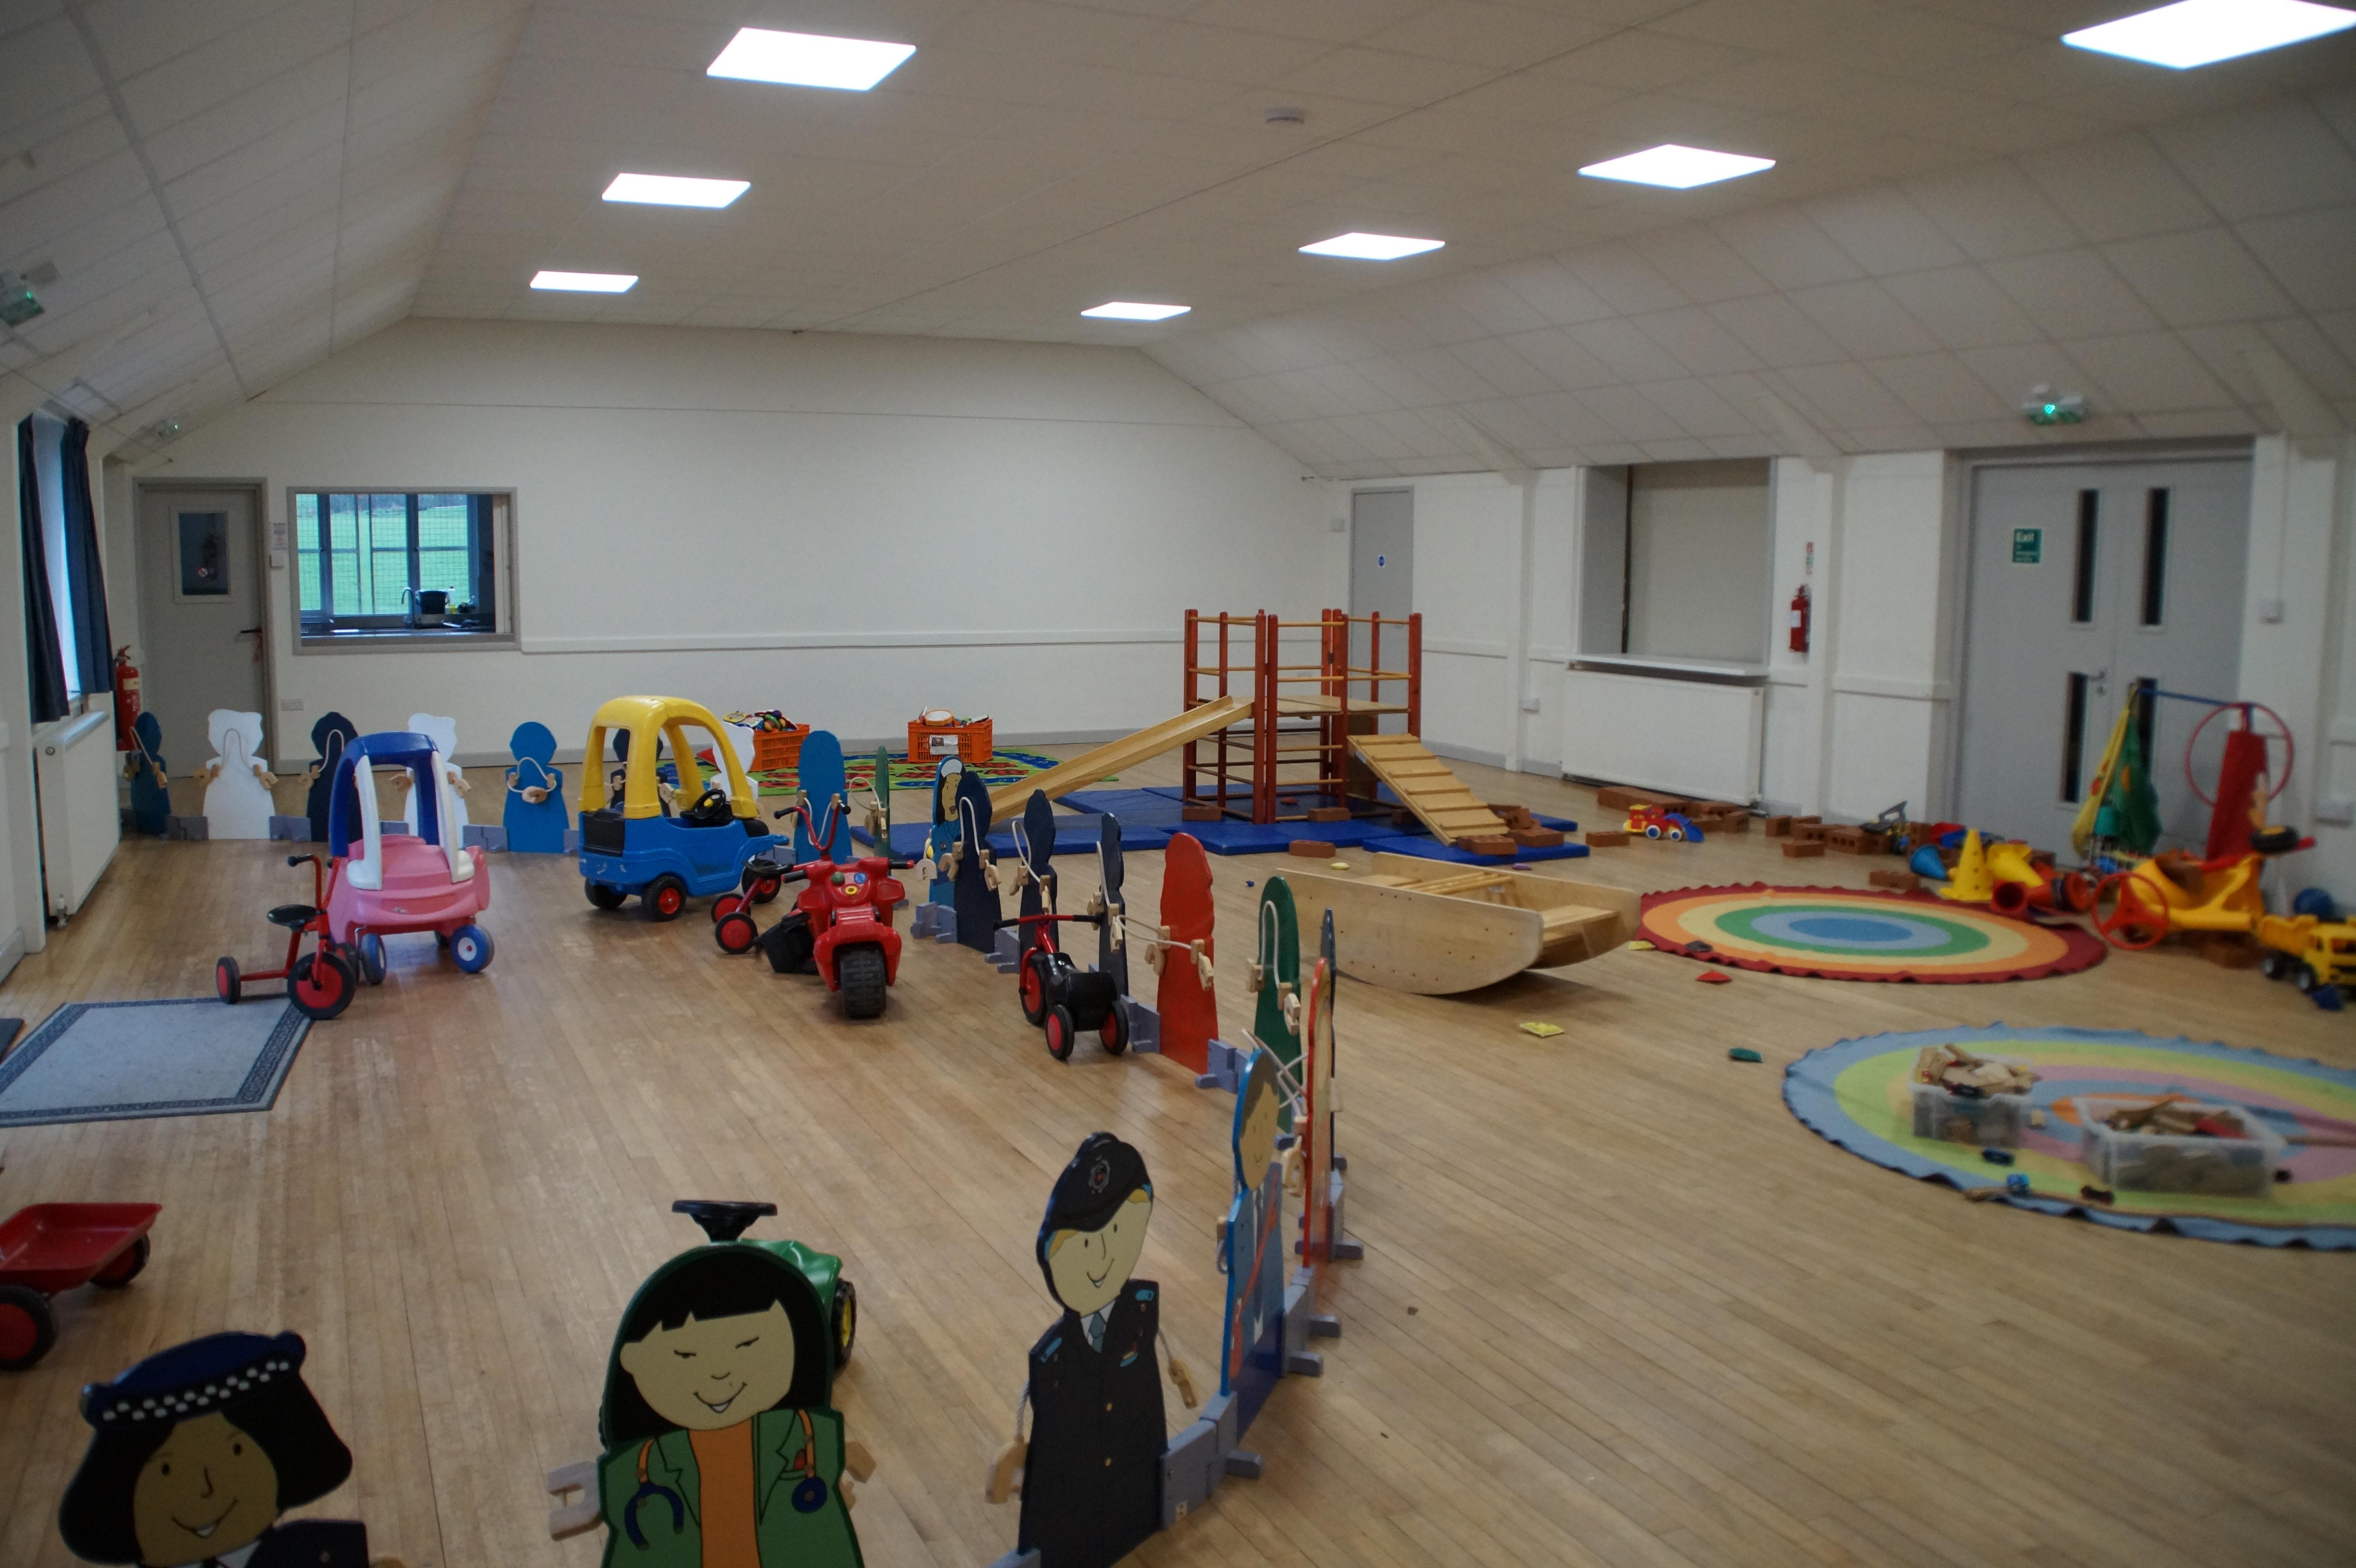 Image 6 Hall